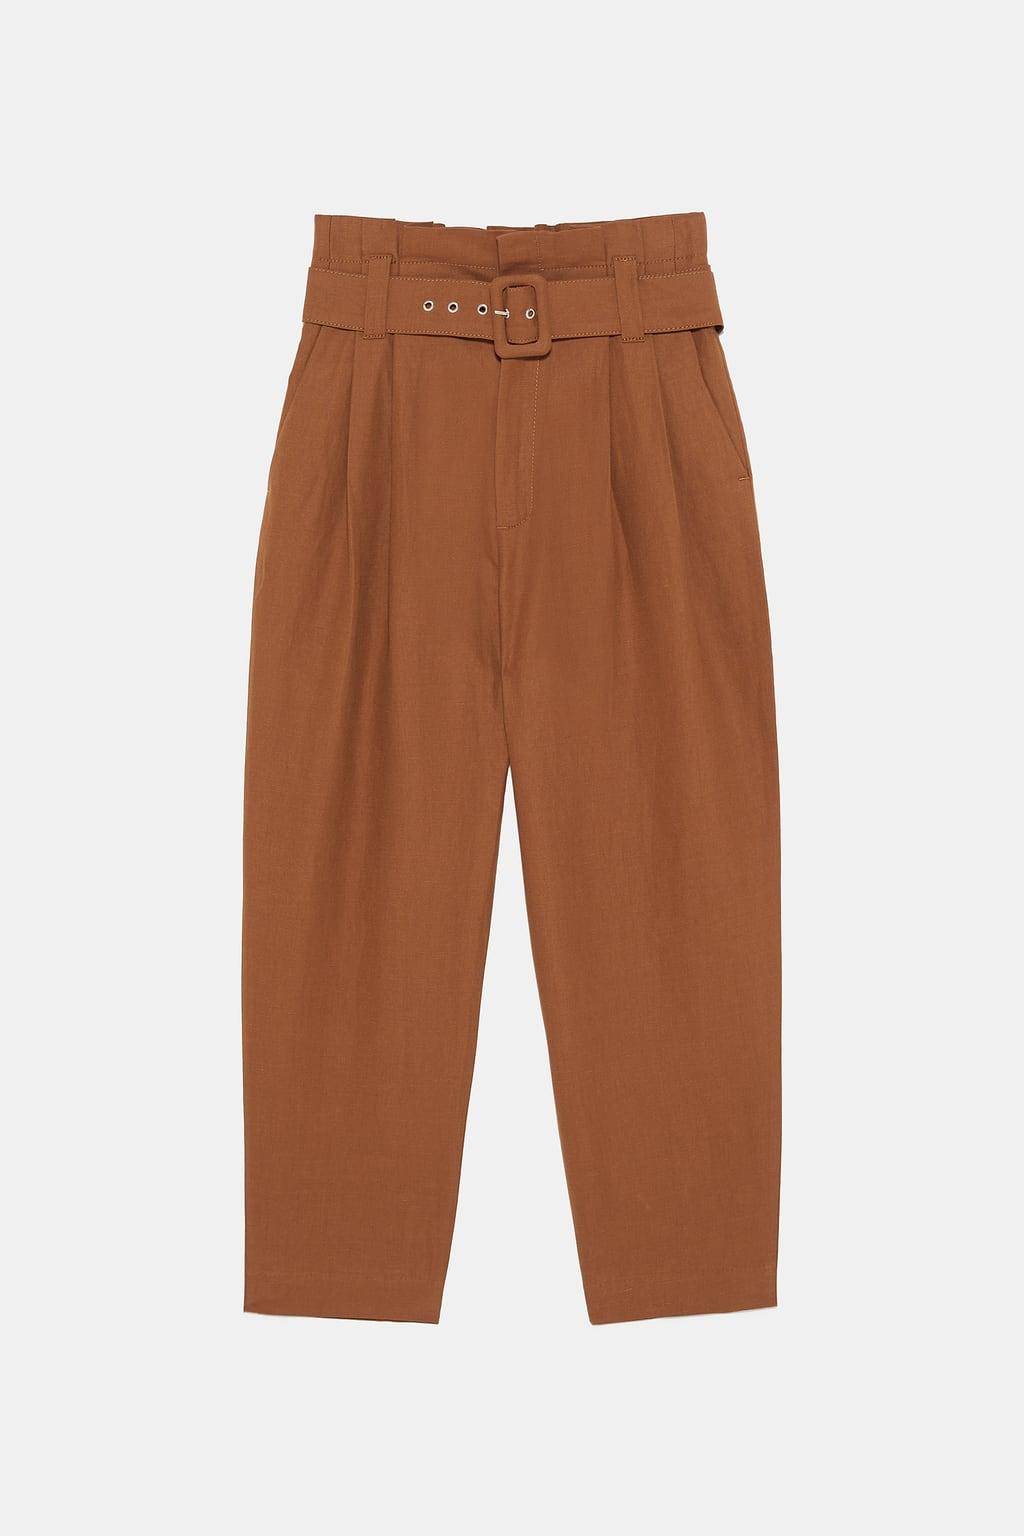 pantalon marron zara